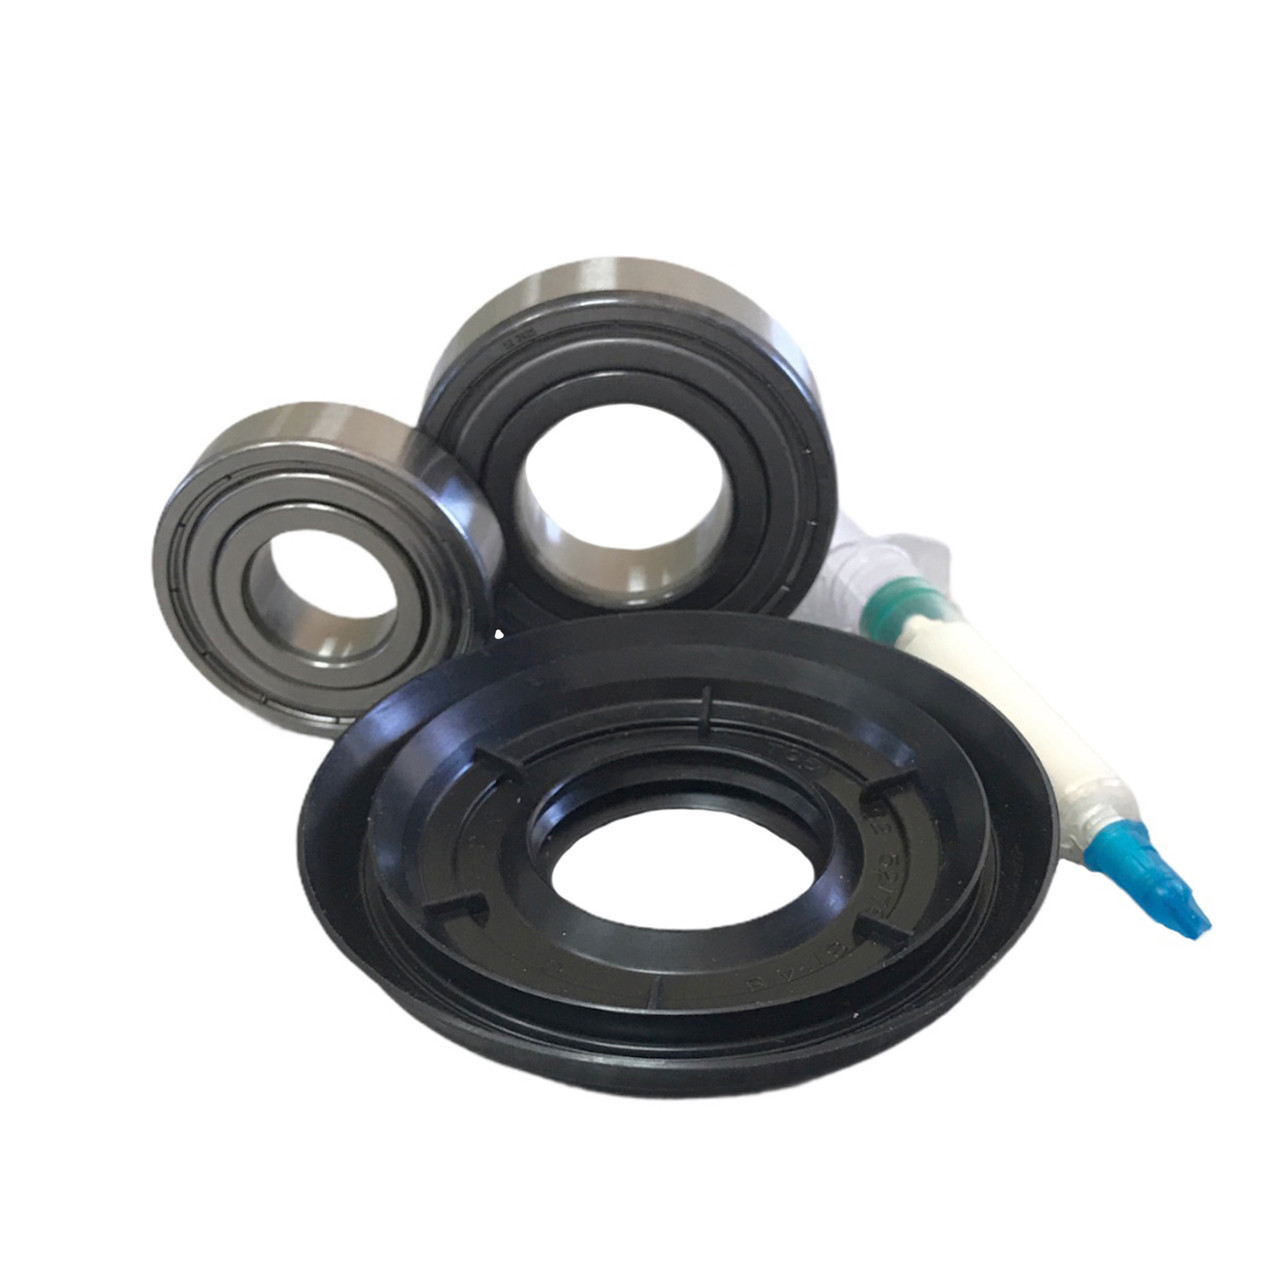 Підшипники для пральної машини Bosch 00068319 / 6203, 6205 / 32x52/78x14.8